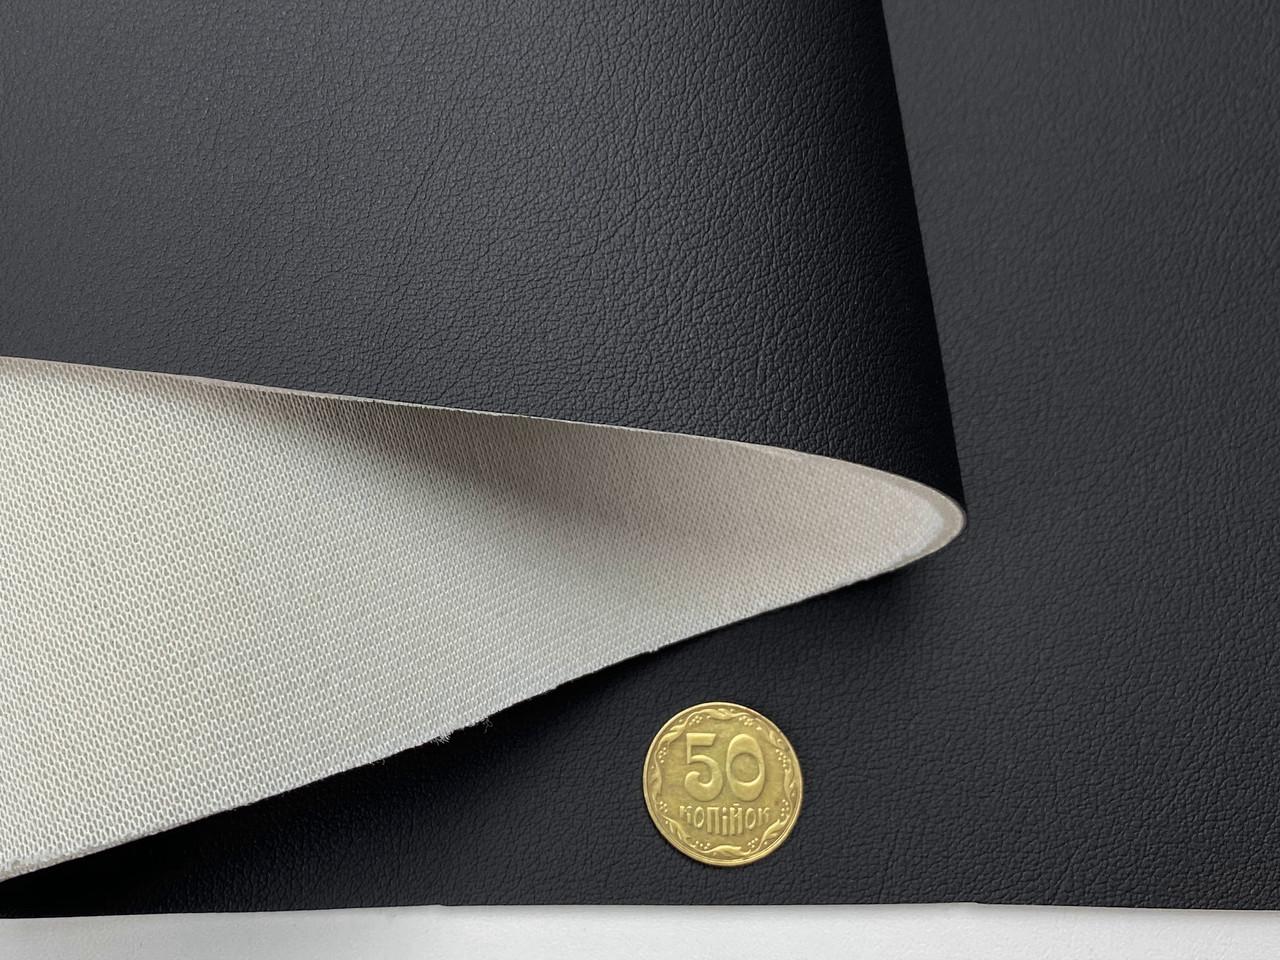 Кожзам черный для сидений (текстурный полуглянцевий 104/ECO) на поролоне и сетке, толщина 3мм, ширина 1.50м